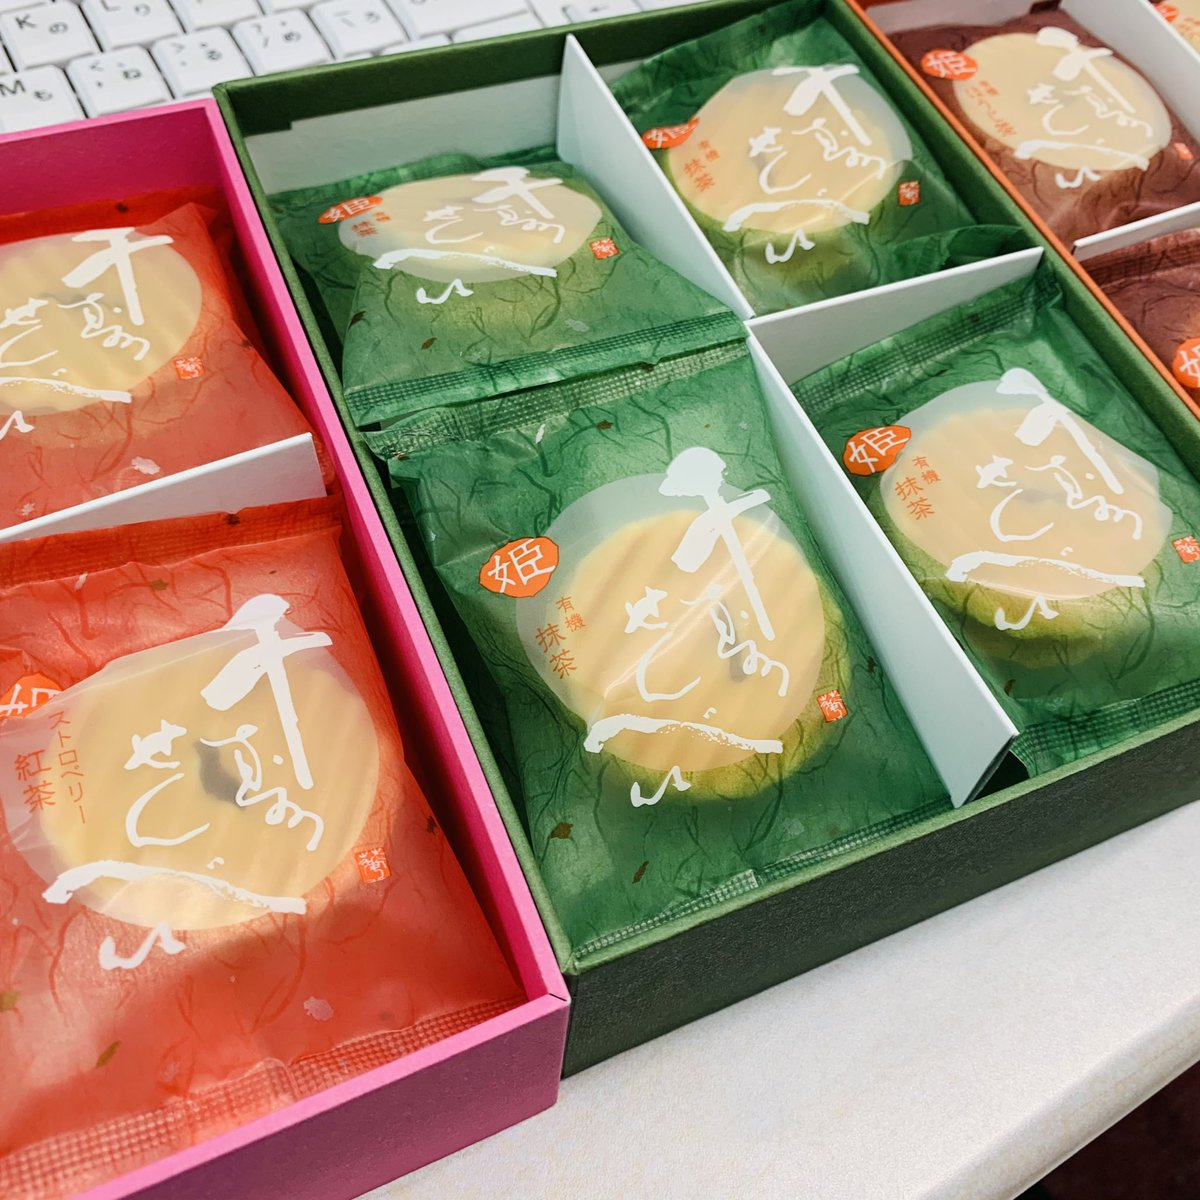 test ツイッターメディア - #本日の朝おやつでカスター  京都の有名な鼓月さんの千寿せんべい💕豪華な姫の3段重ね✨ストロベリー紅茶が🍓(๑♡ᴗ♡๑)🎶黙ってもう1セット食べようと思います )))  _('ー'_    )_ )))コソコソ ソォー https://t.co/U957URcv1A